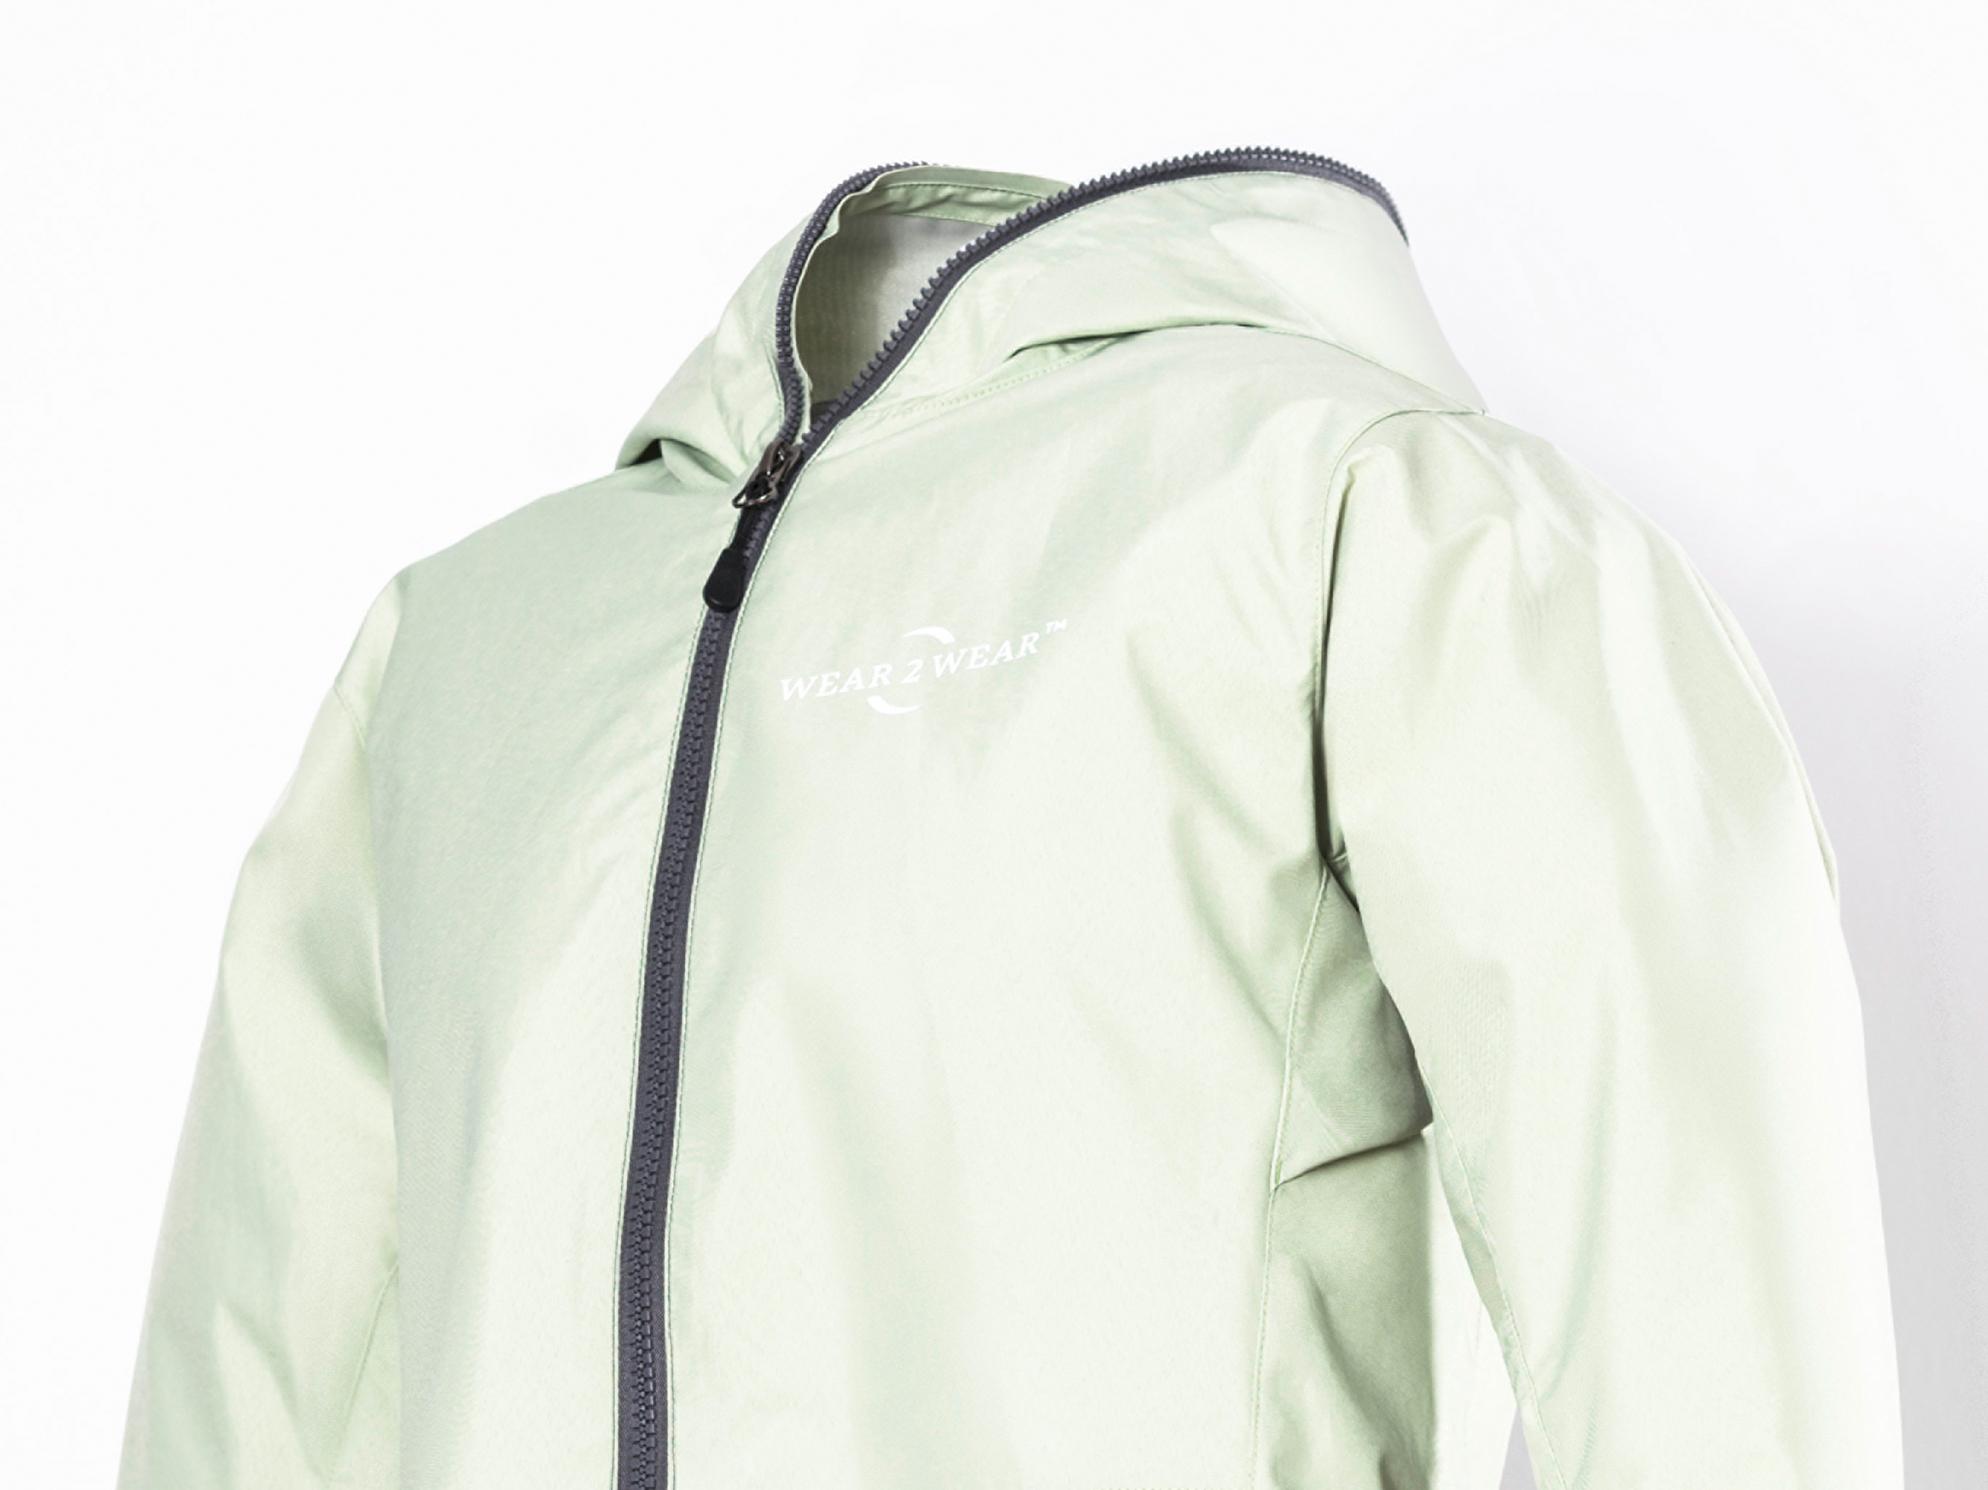 Weiße Kapuzenjacke mit wear2wear™ Logo auf der Brust.